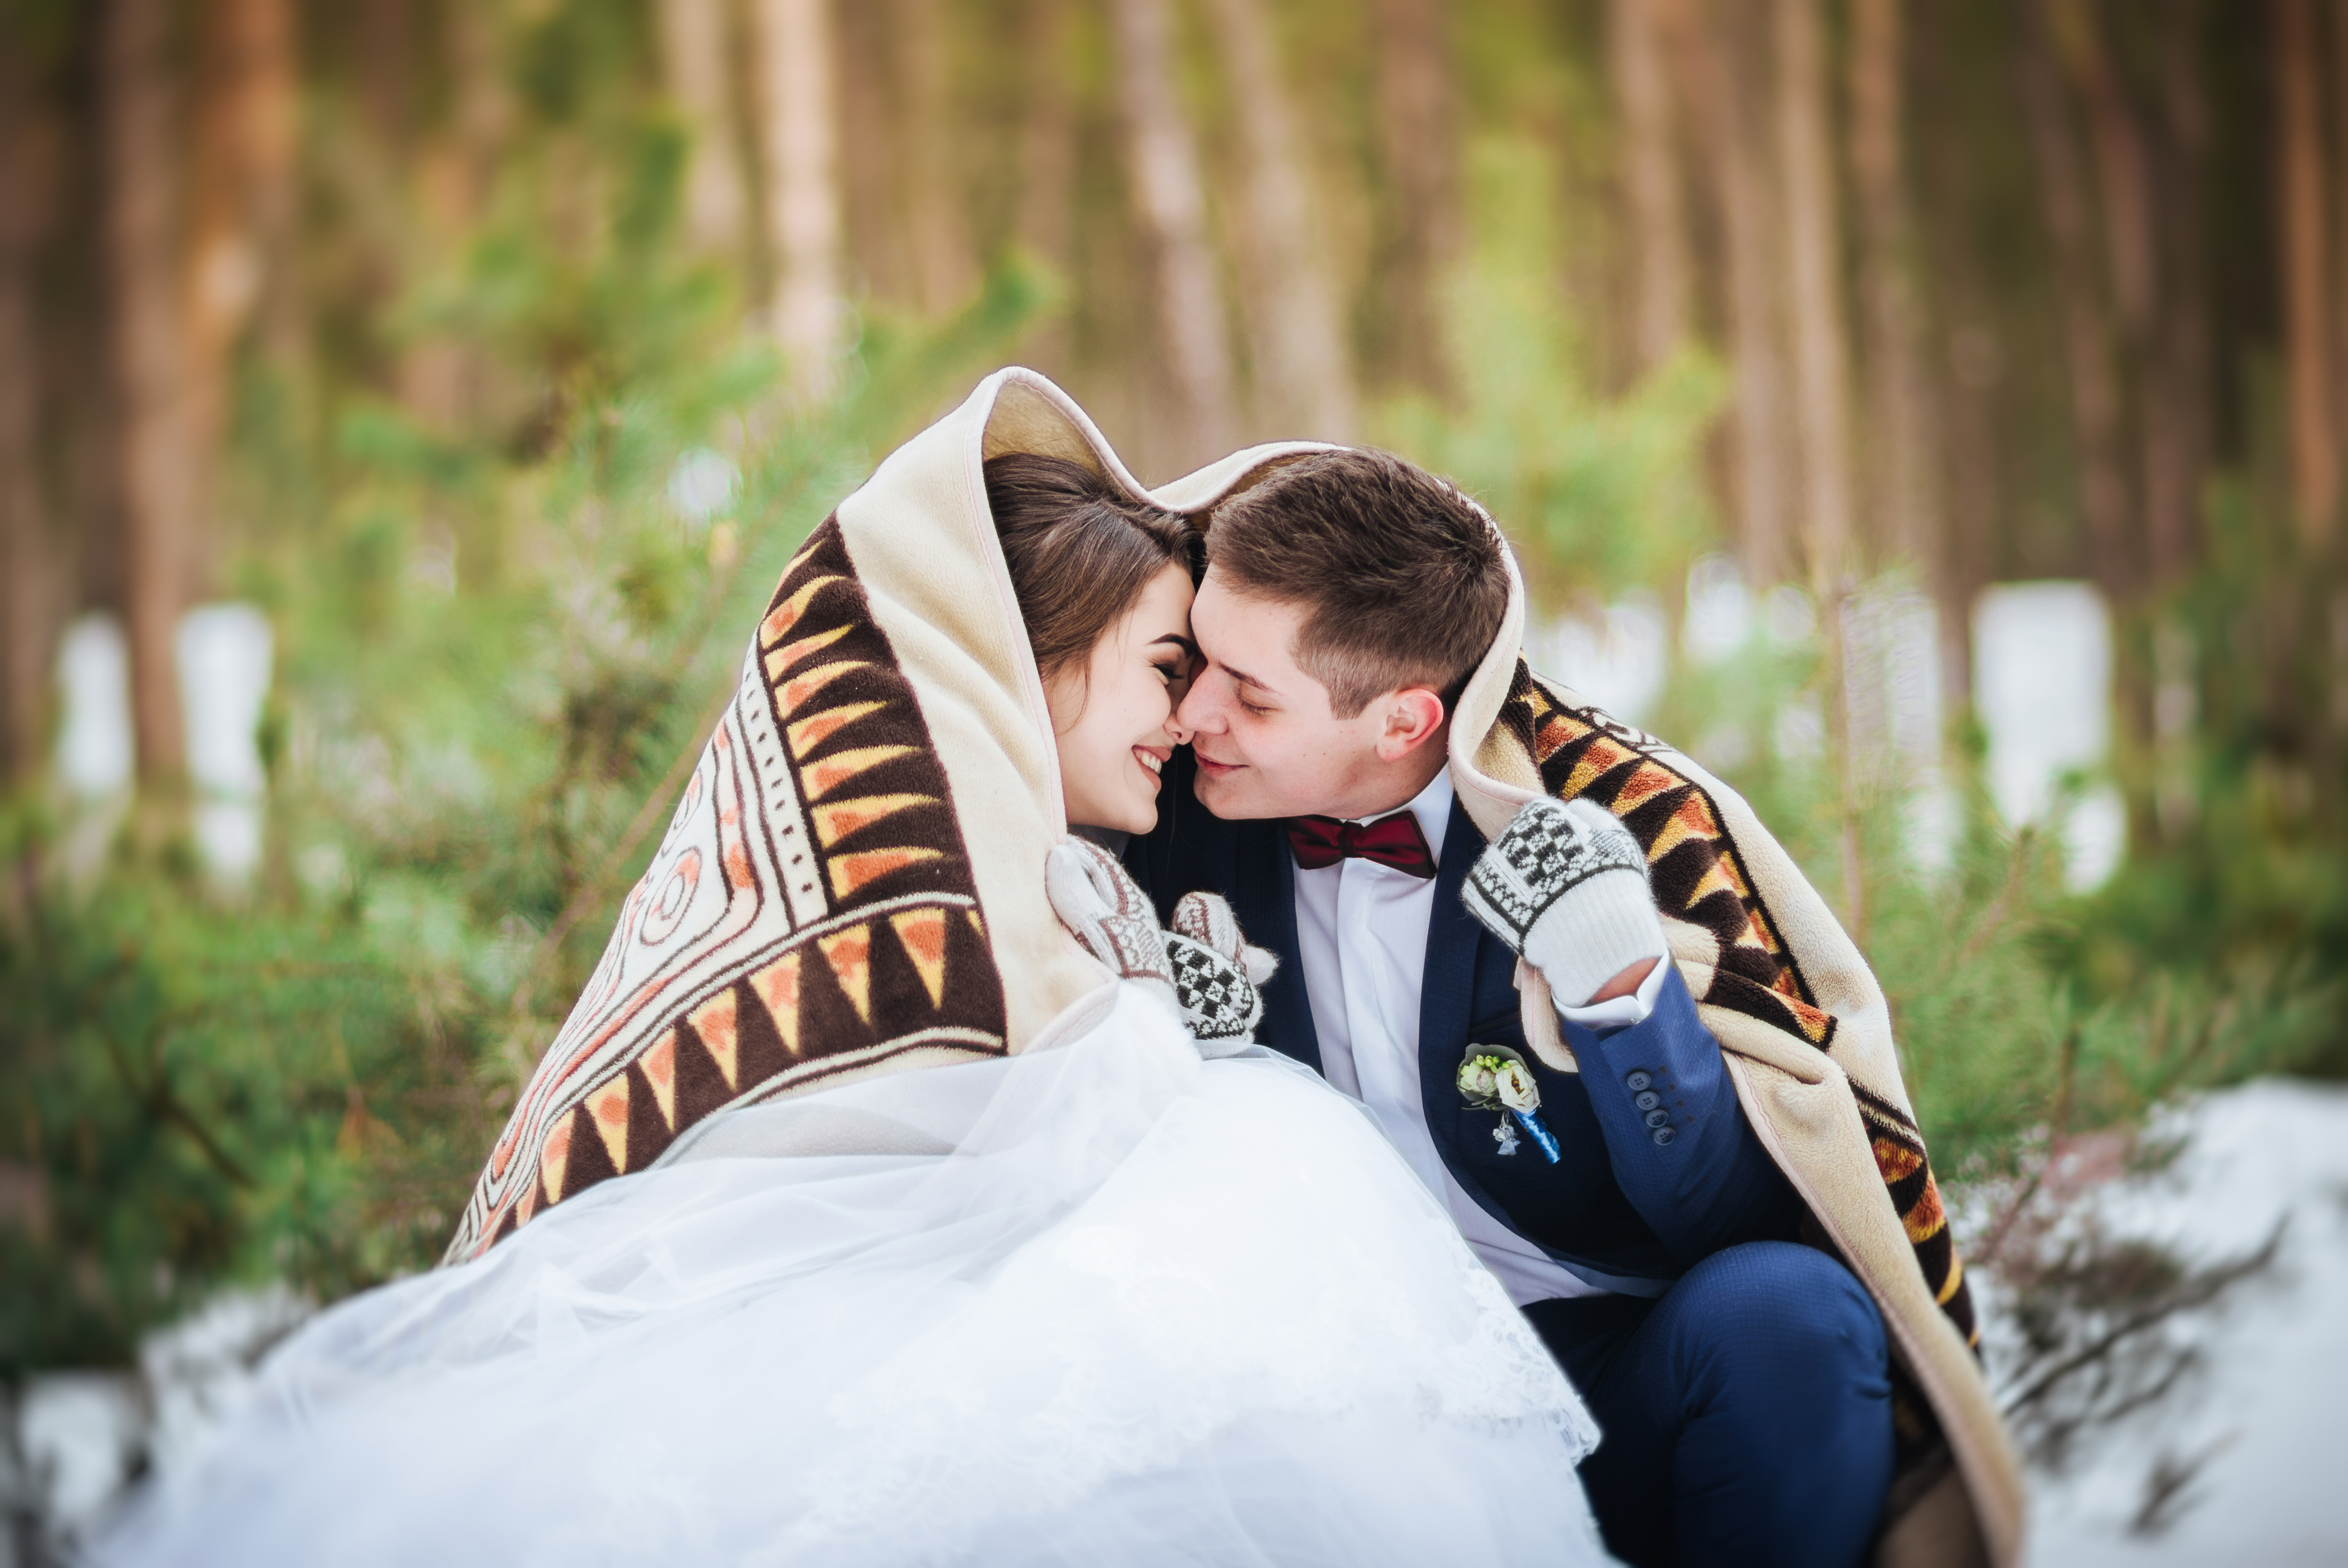 Diciembre - El mejor mes para celebrar una boda